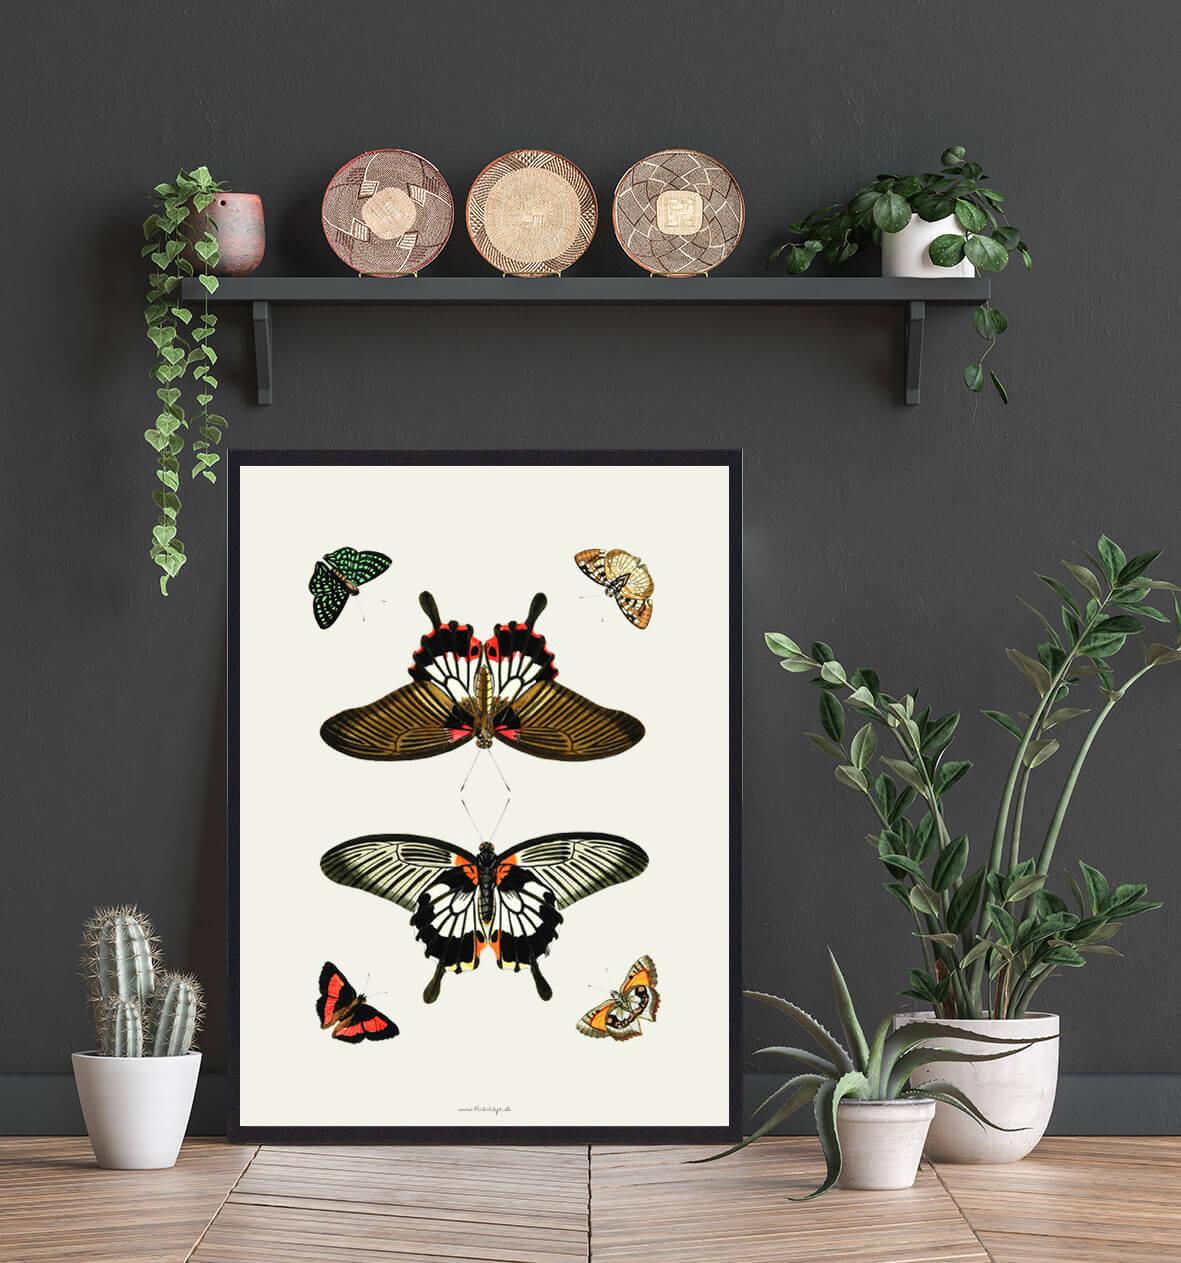 plakat-med-sommerfugle-boligindretning-3